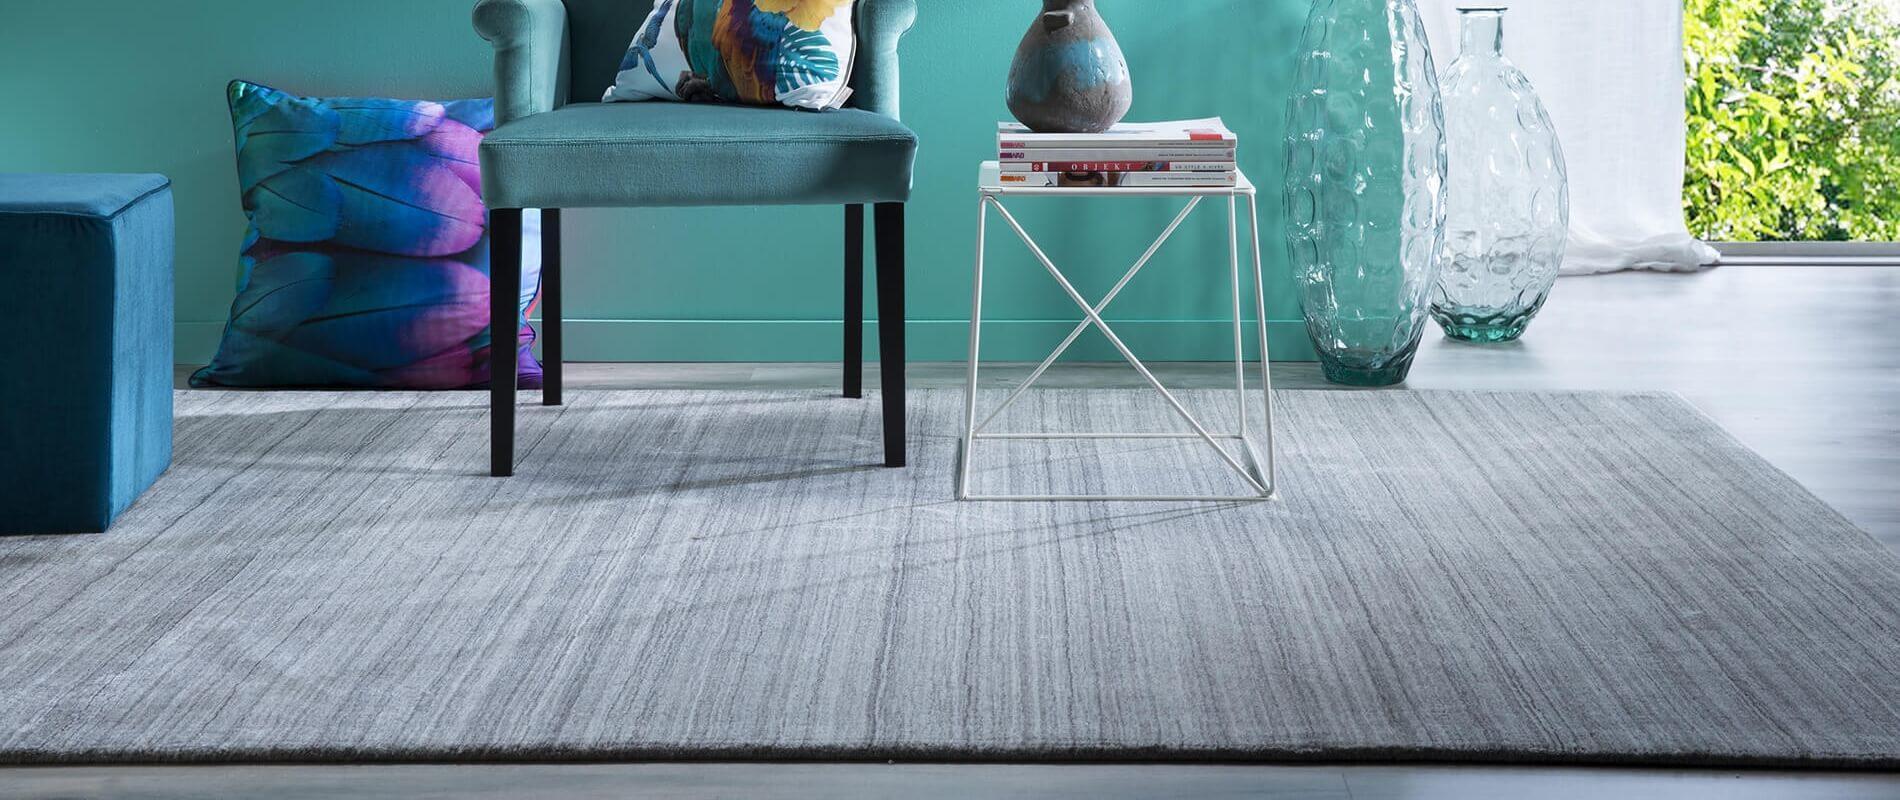 Tapis rectangulaire gris classique tout doux et design